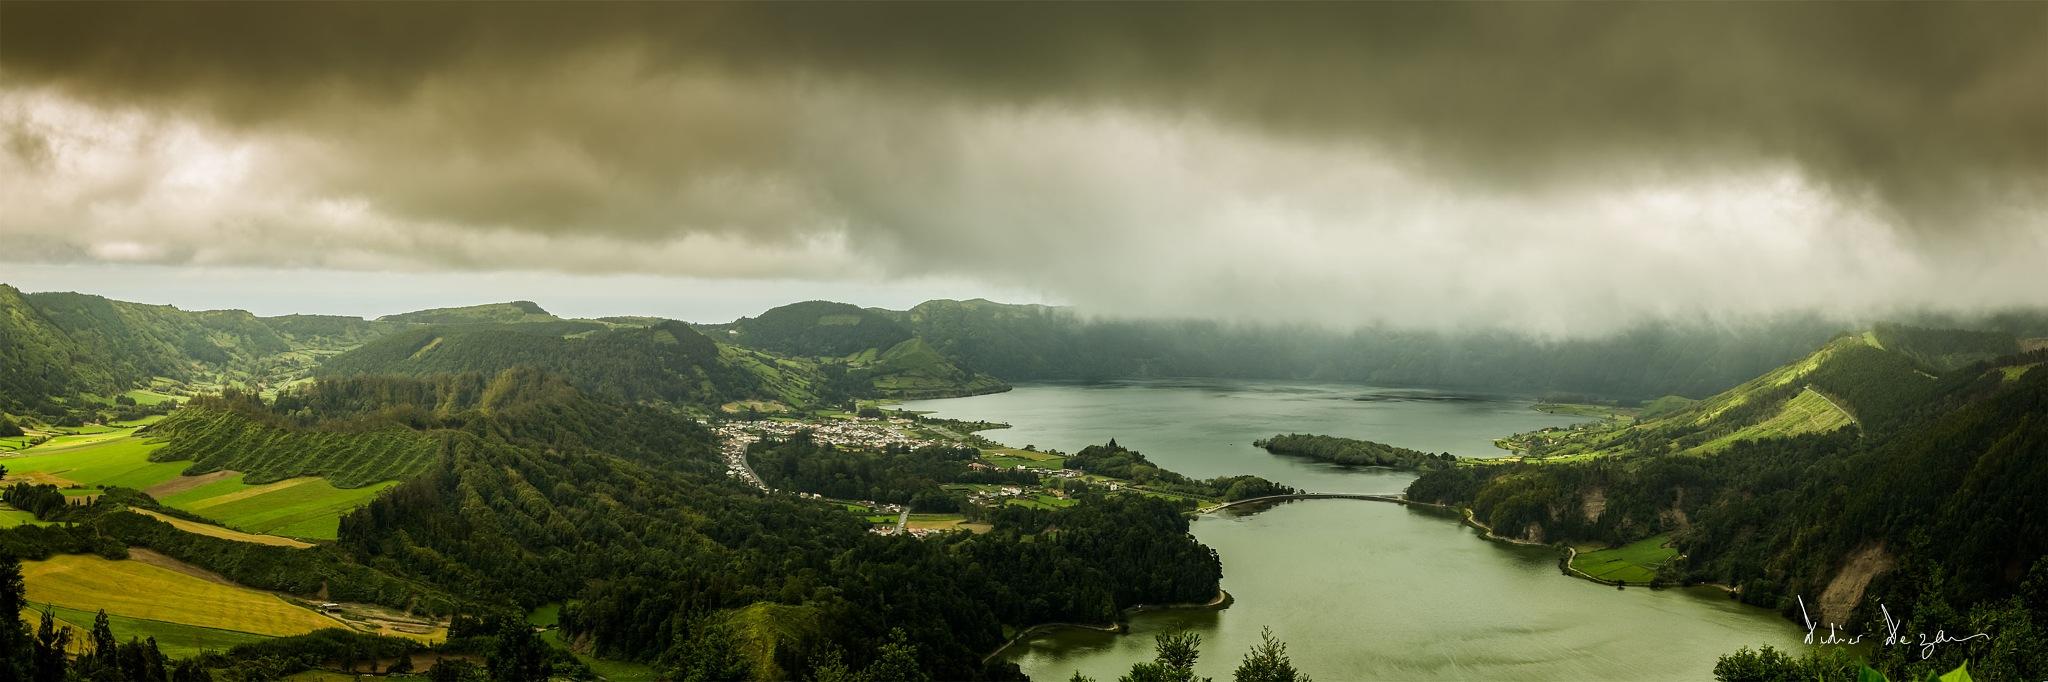 Sete Cidades  by DidierDEZAN